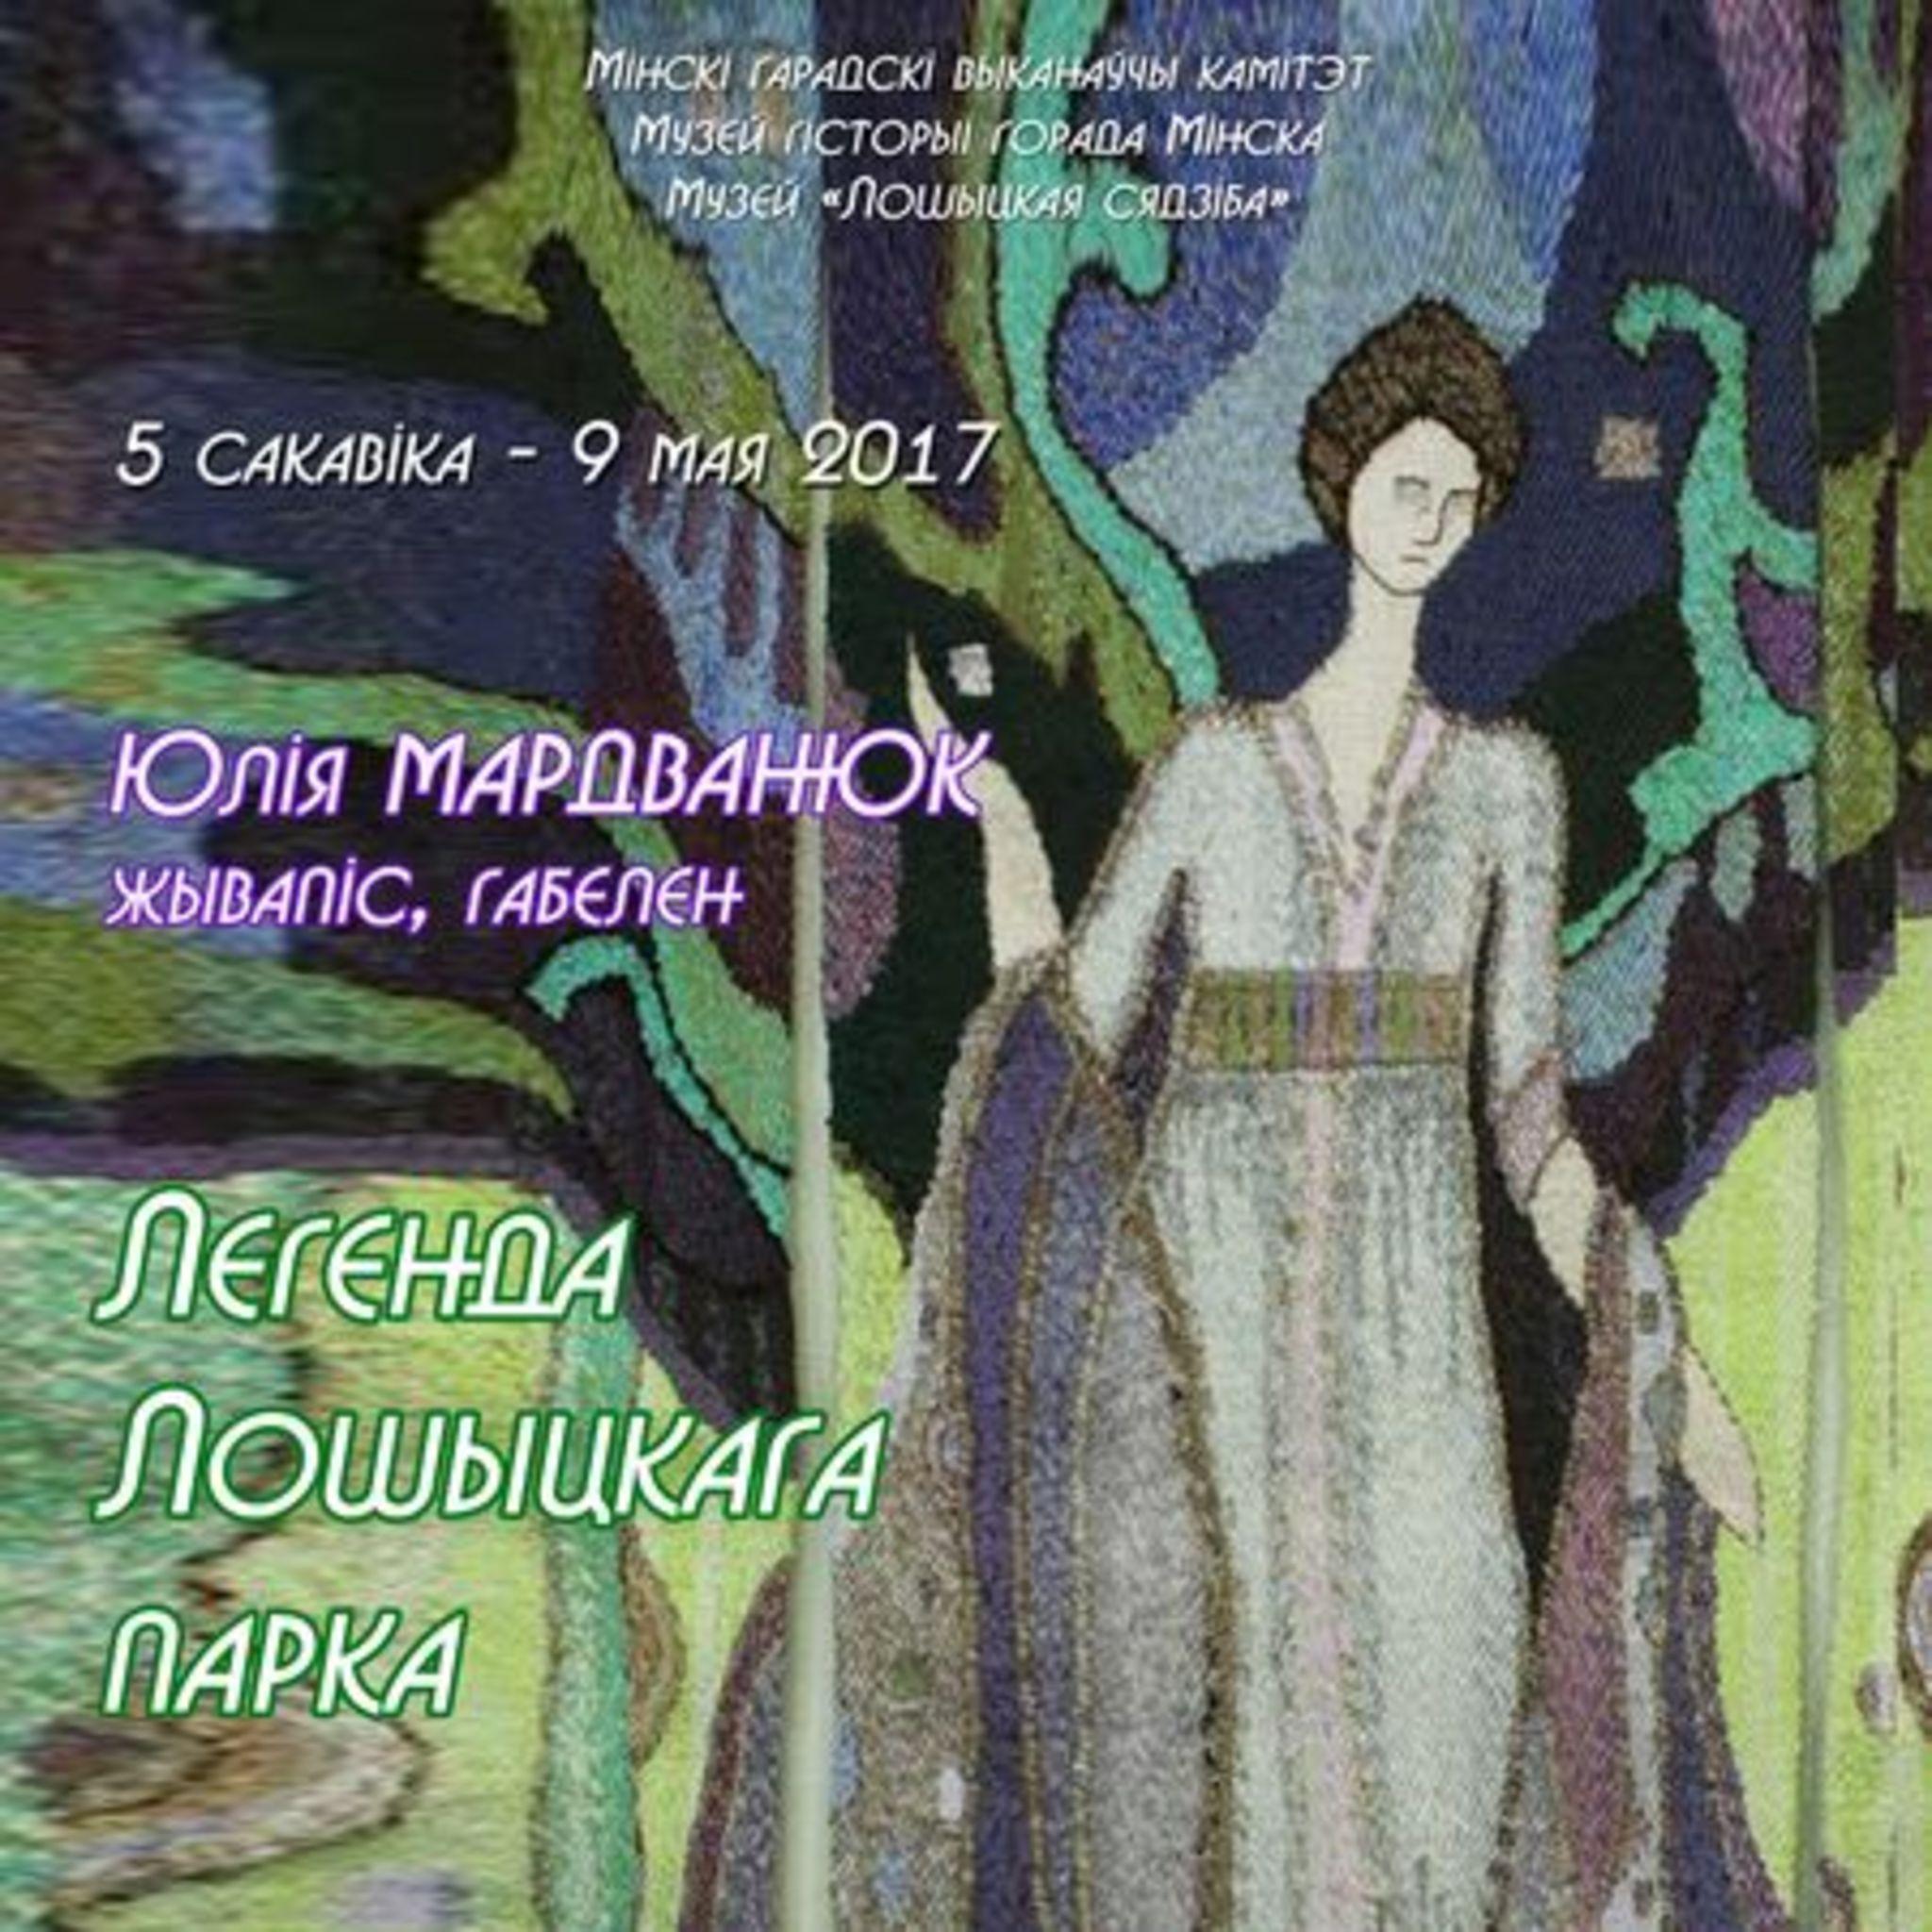 Выставка Юлии Мардванюк «Легенда Лошицкому парка»